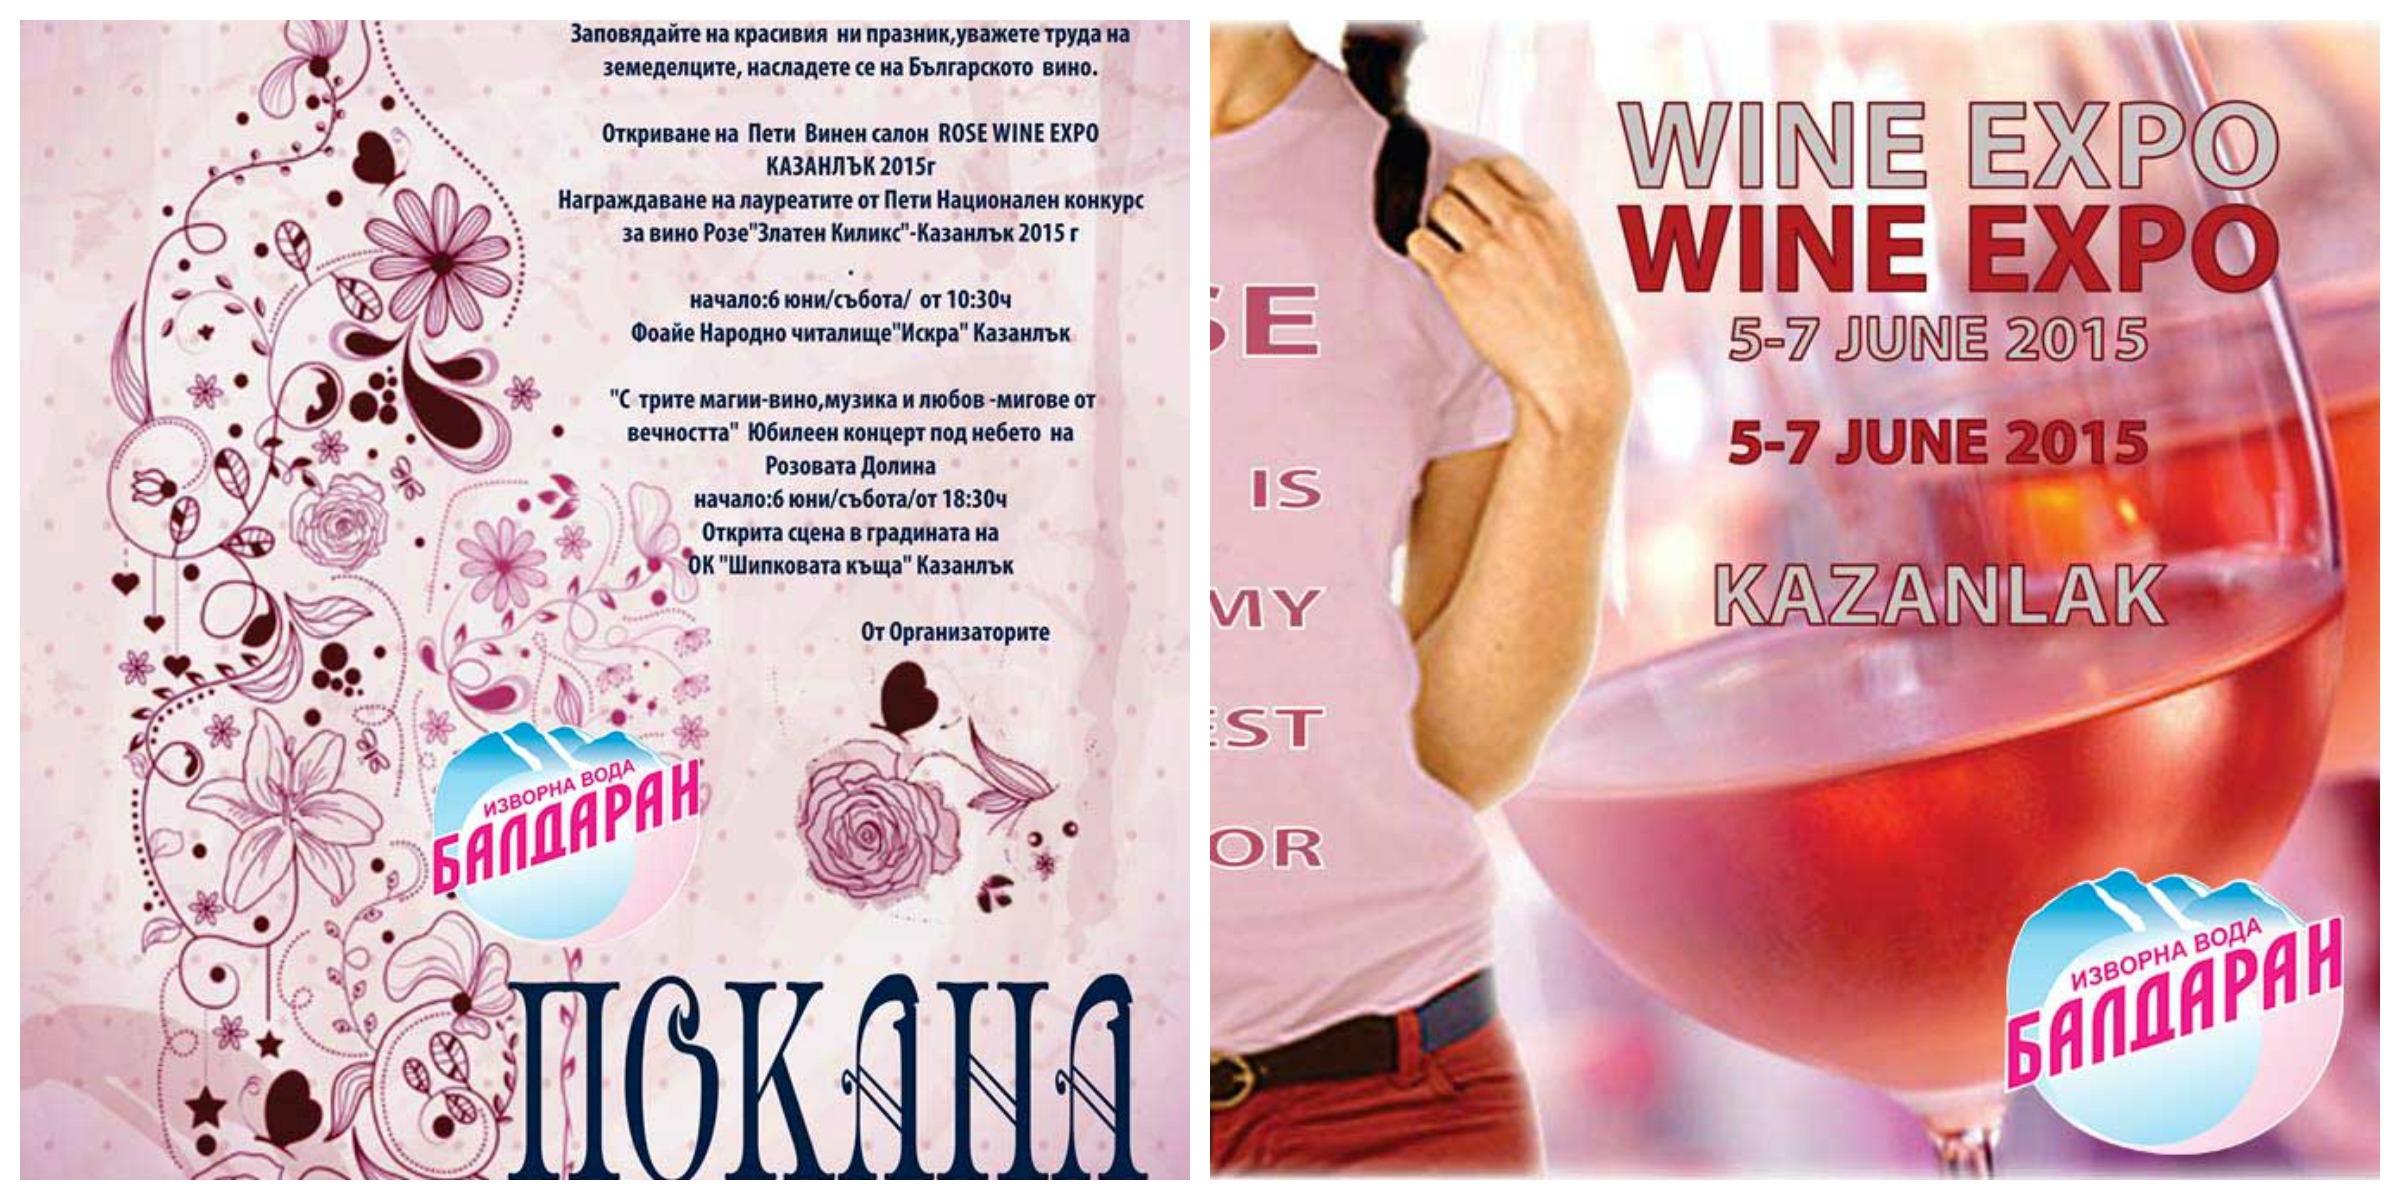 ROSE WINE EXPO KAZANLAK 2015 ПРОГРАМА